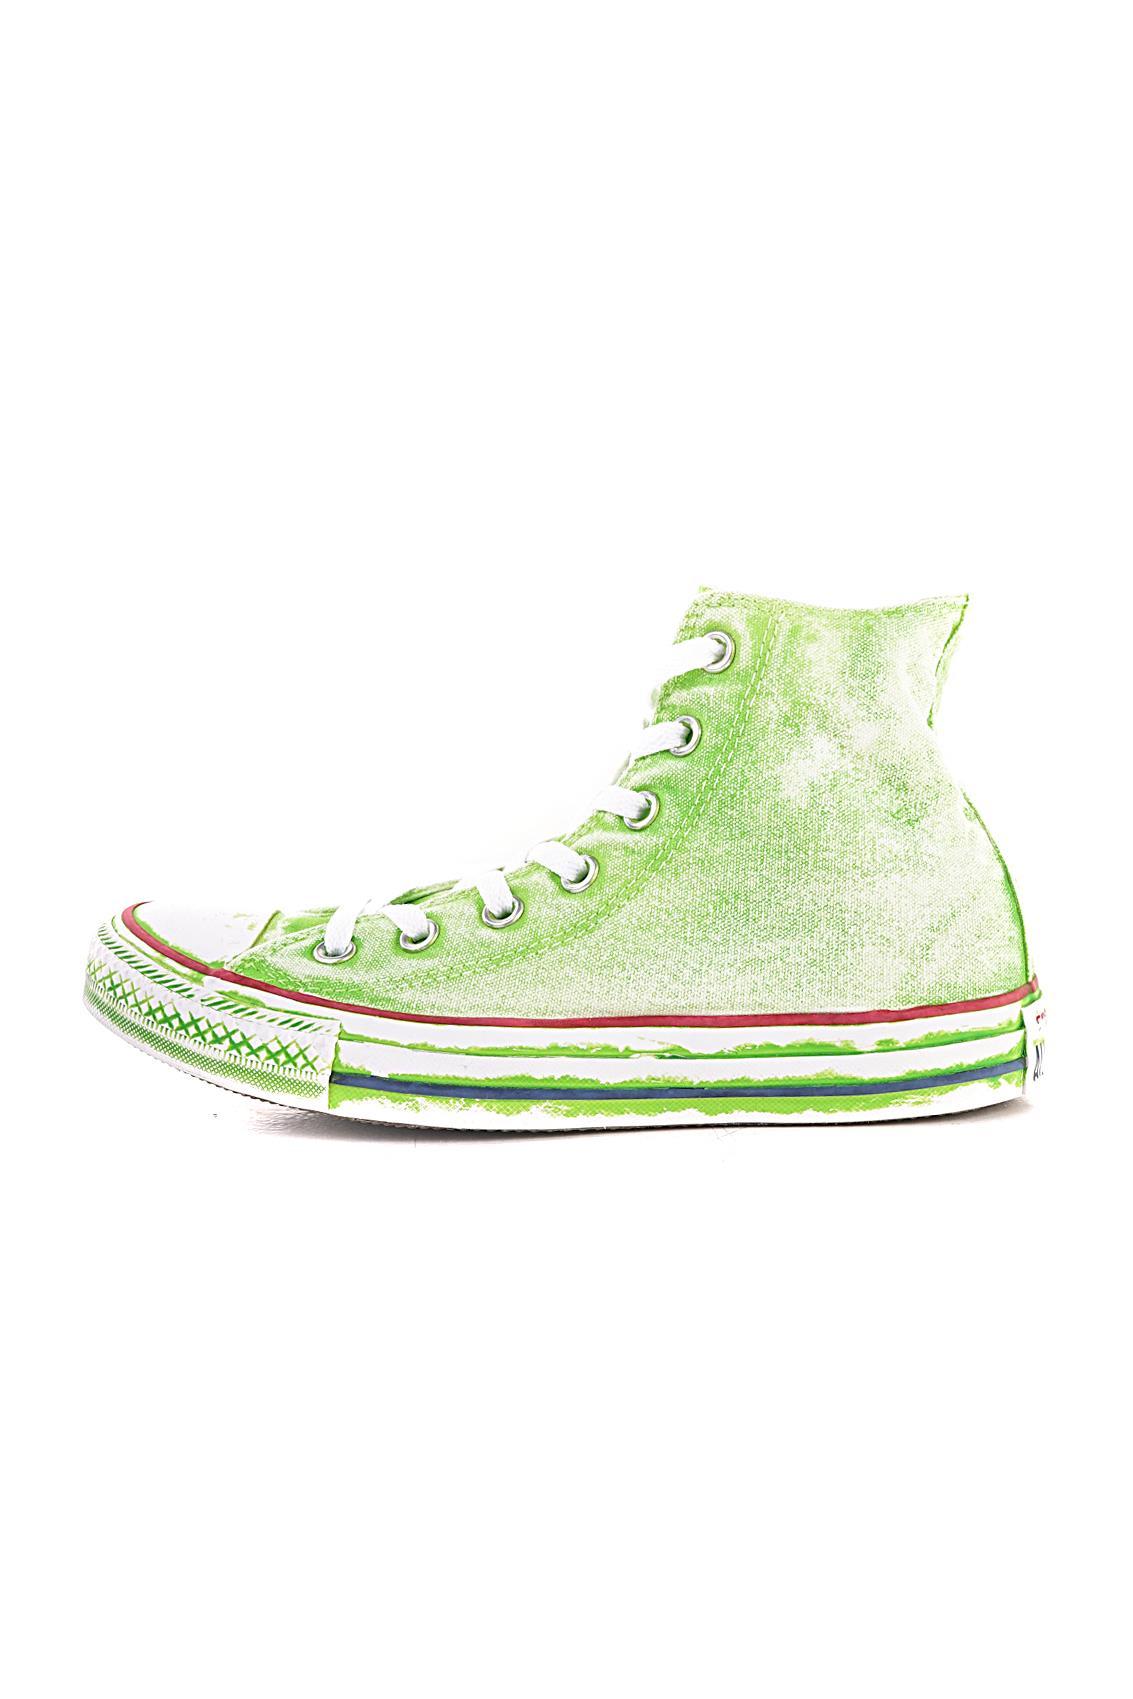 converse verde acido